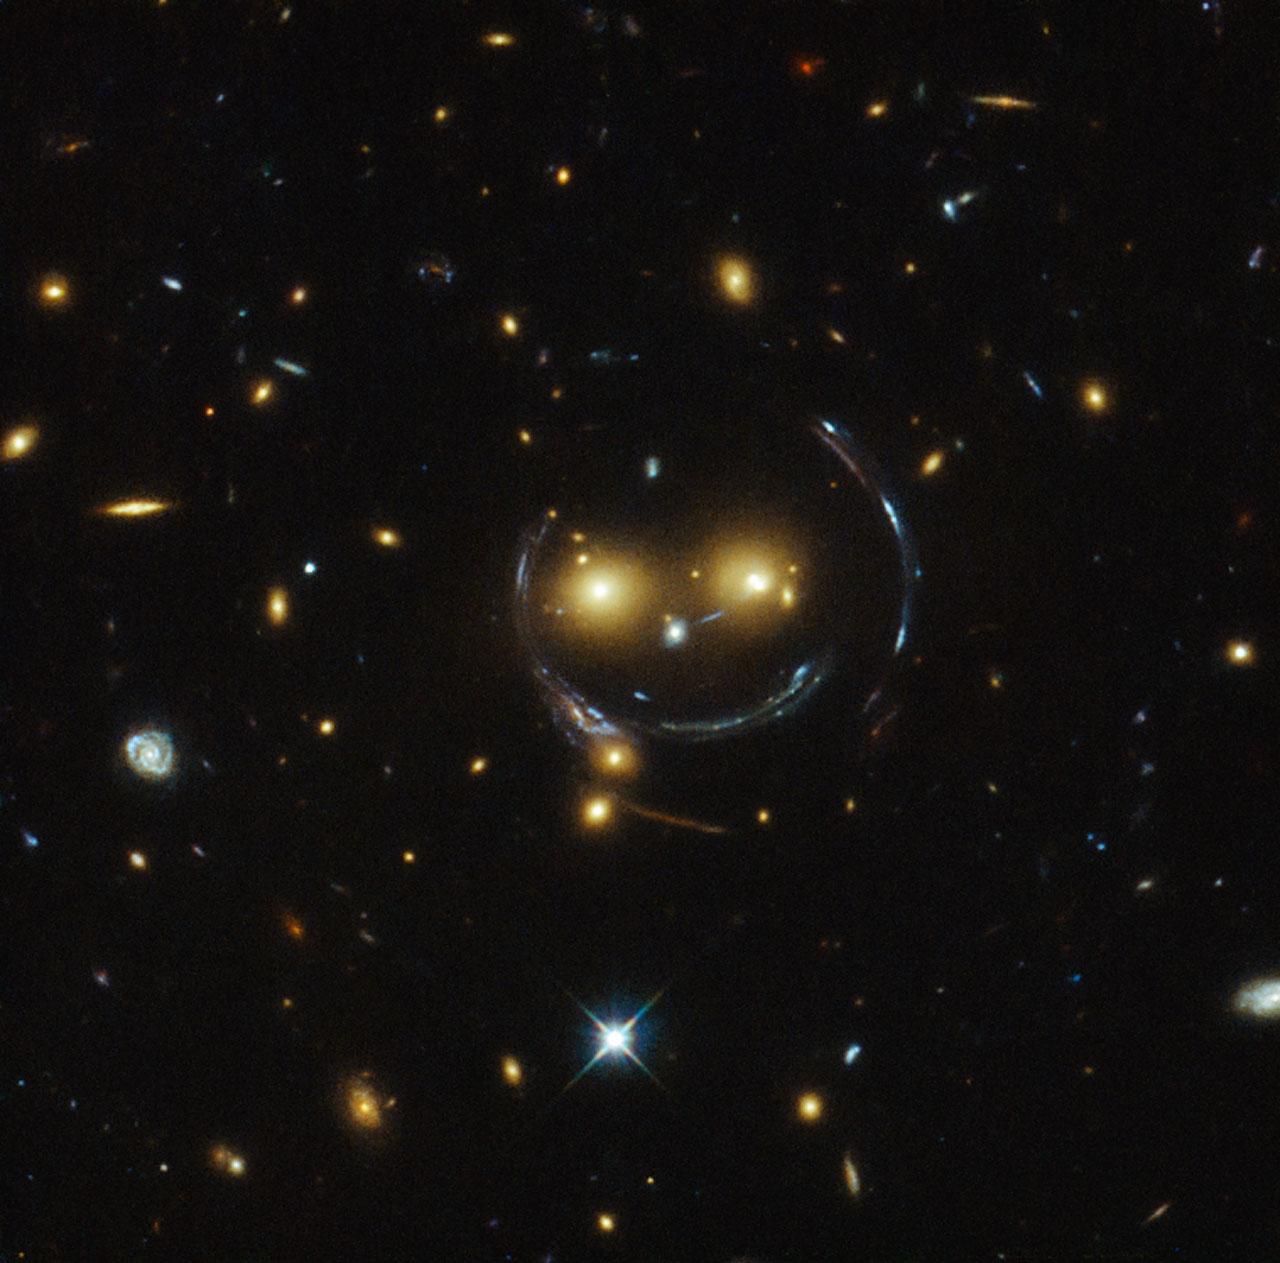 Galaxy cluster SDSS J1038+4849